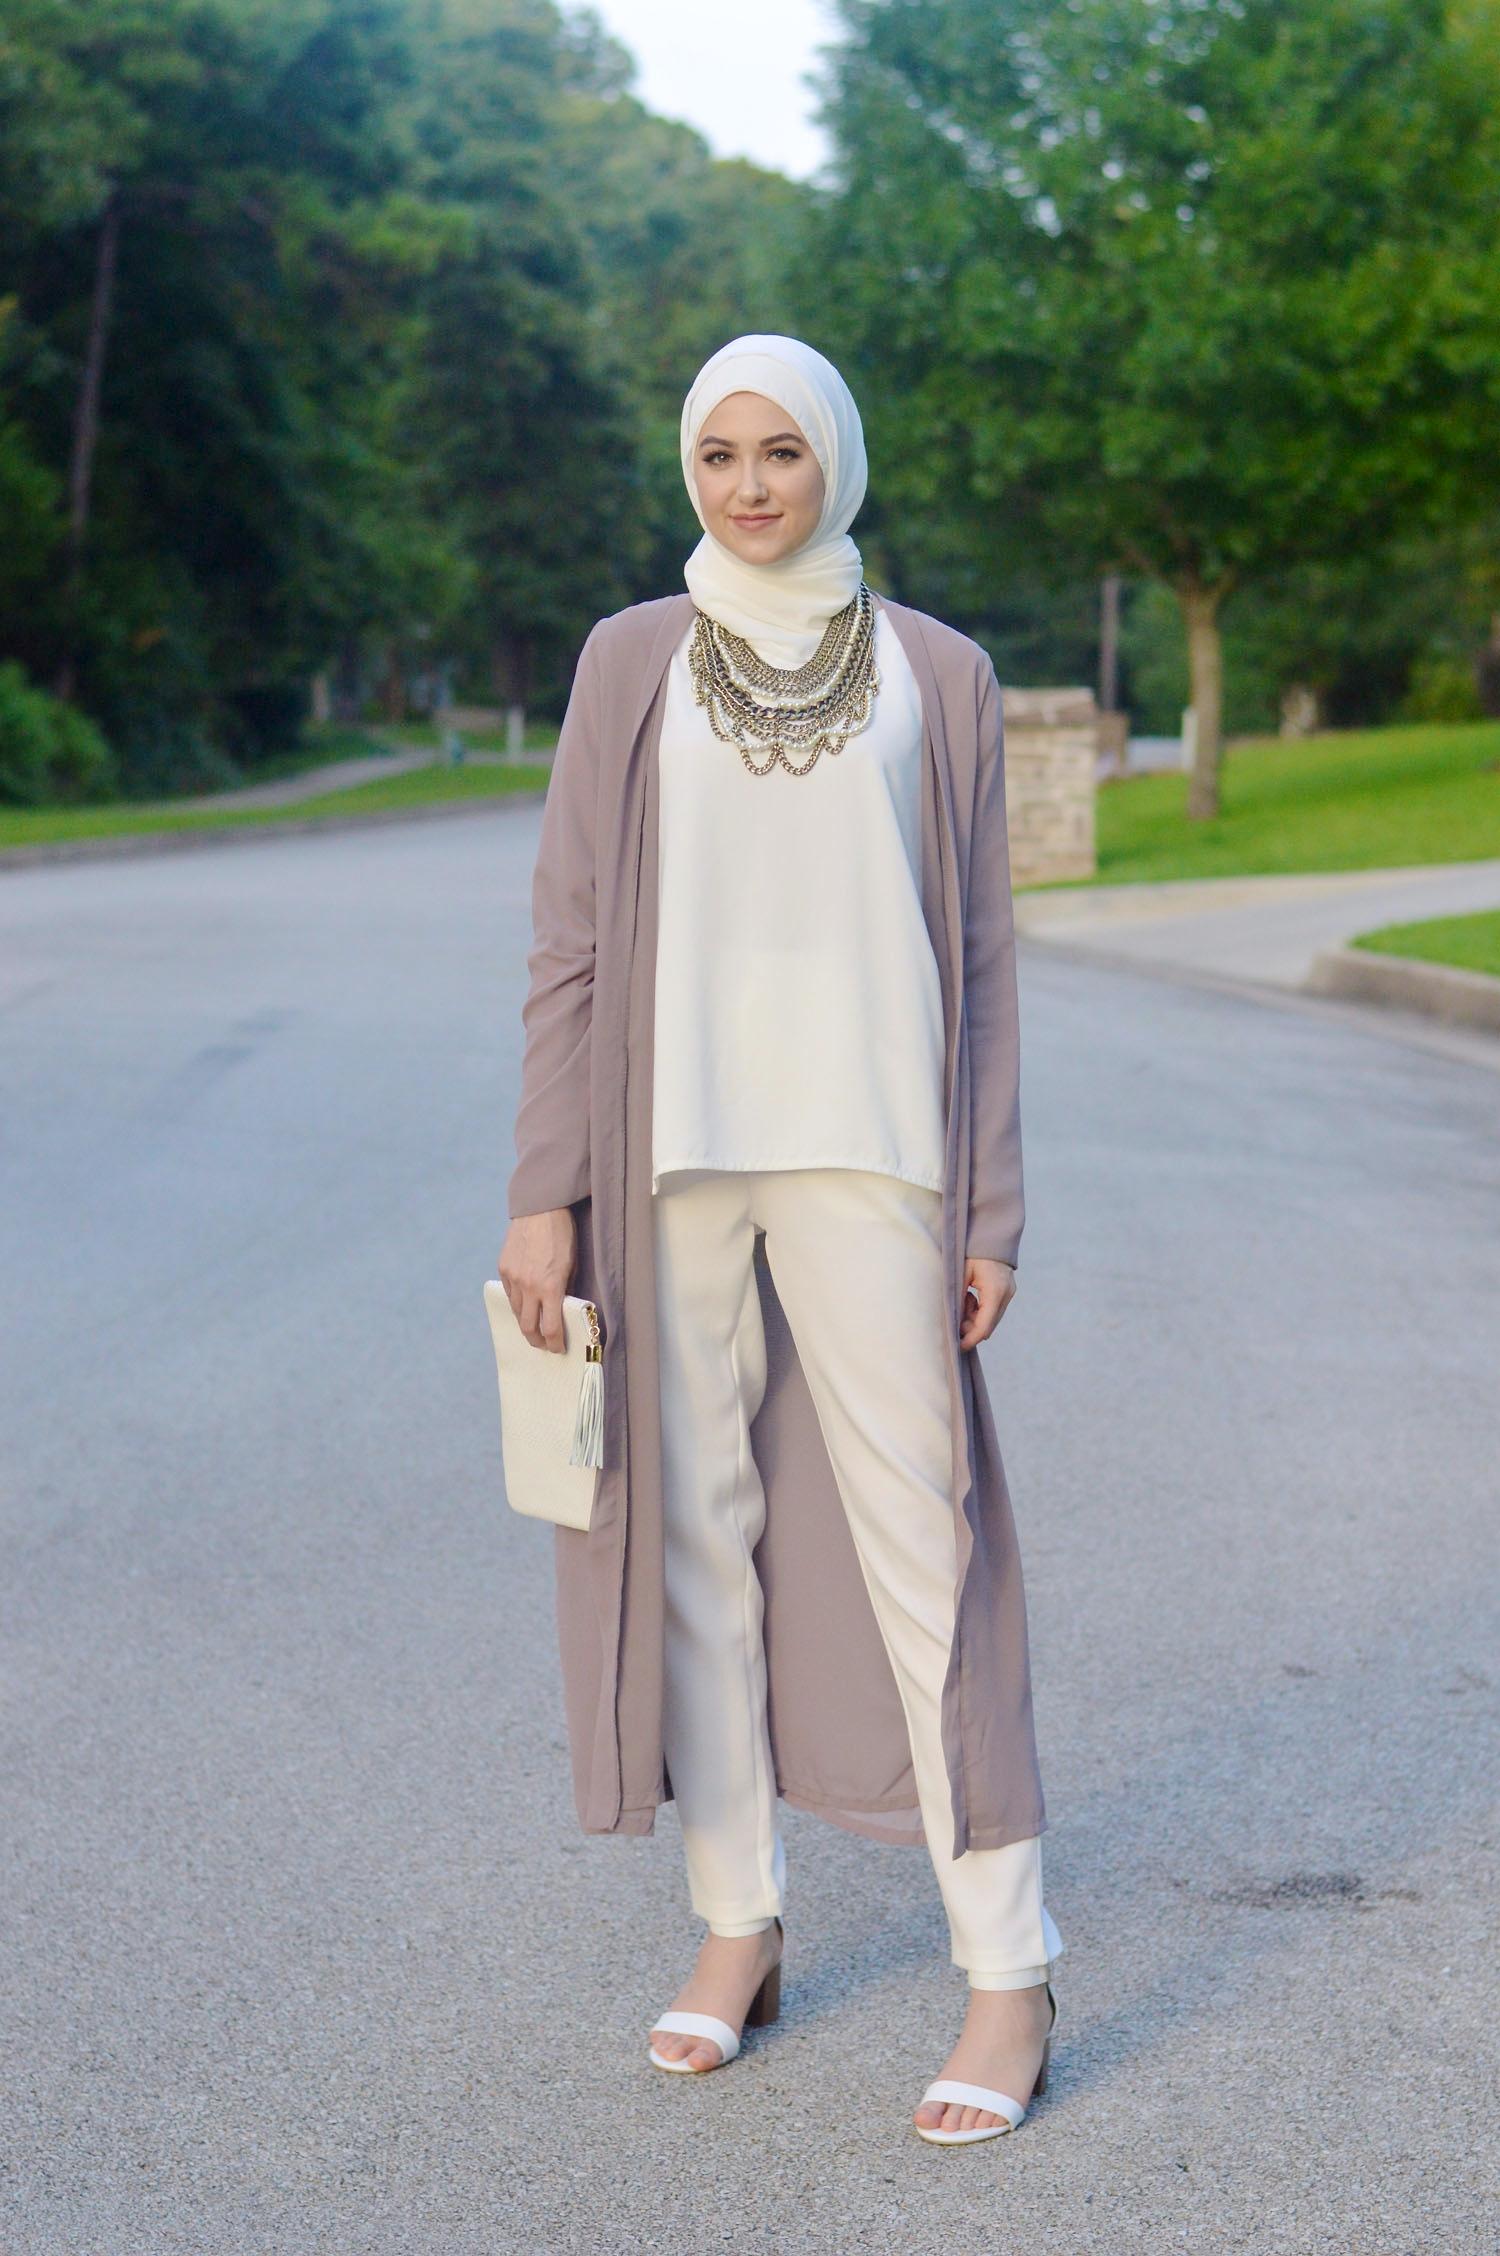 بالصور اشيك ملابس محجبات , اكتسبي اطلالة جذابة بحجابك 5109 9